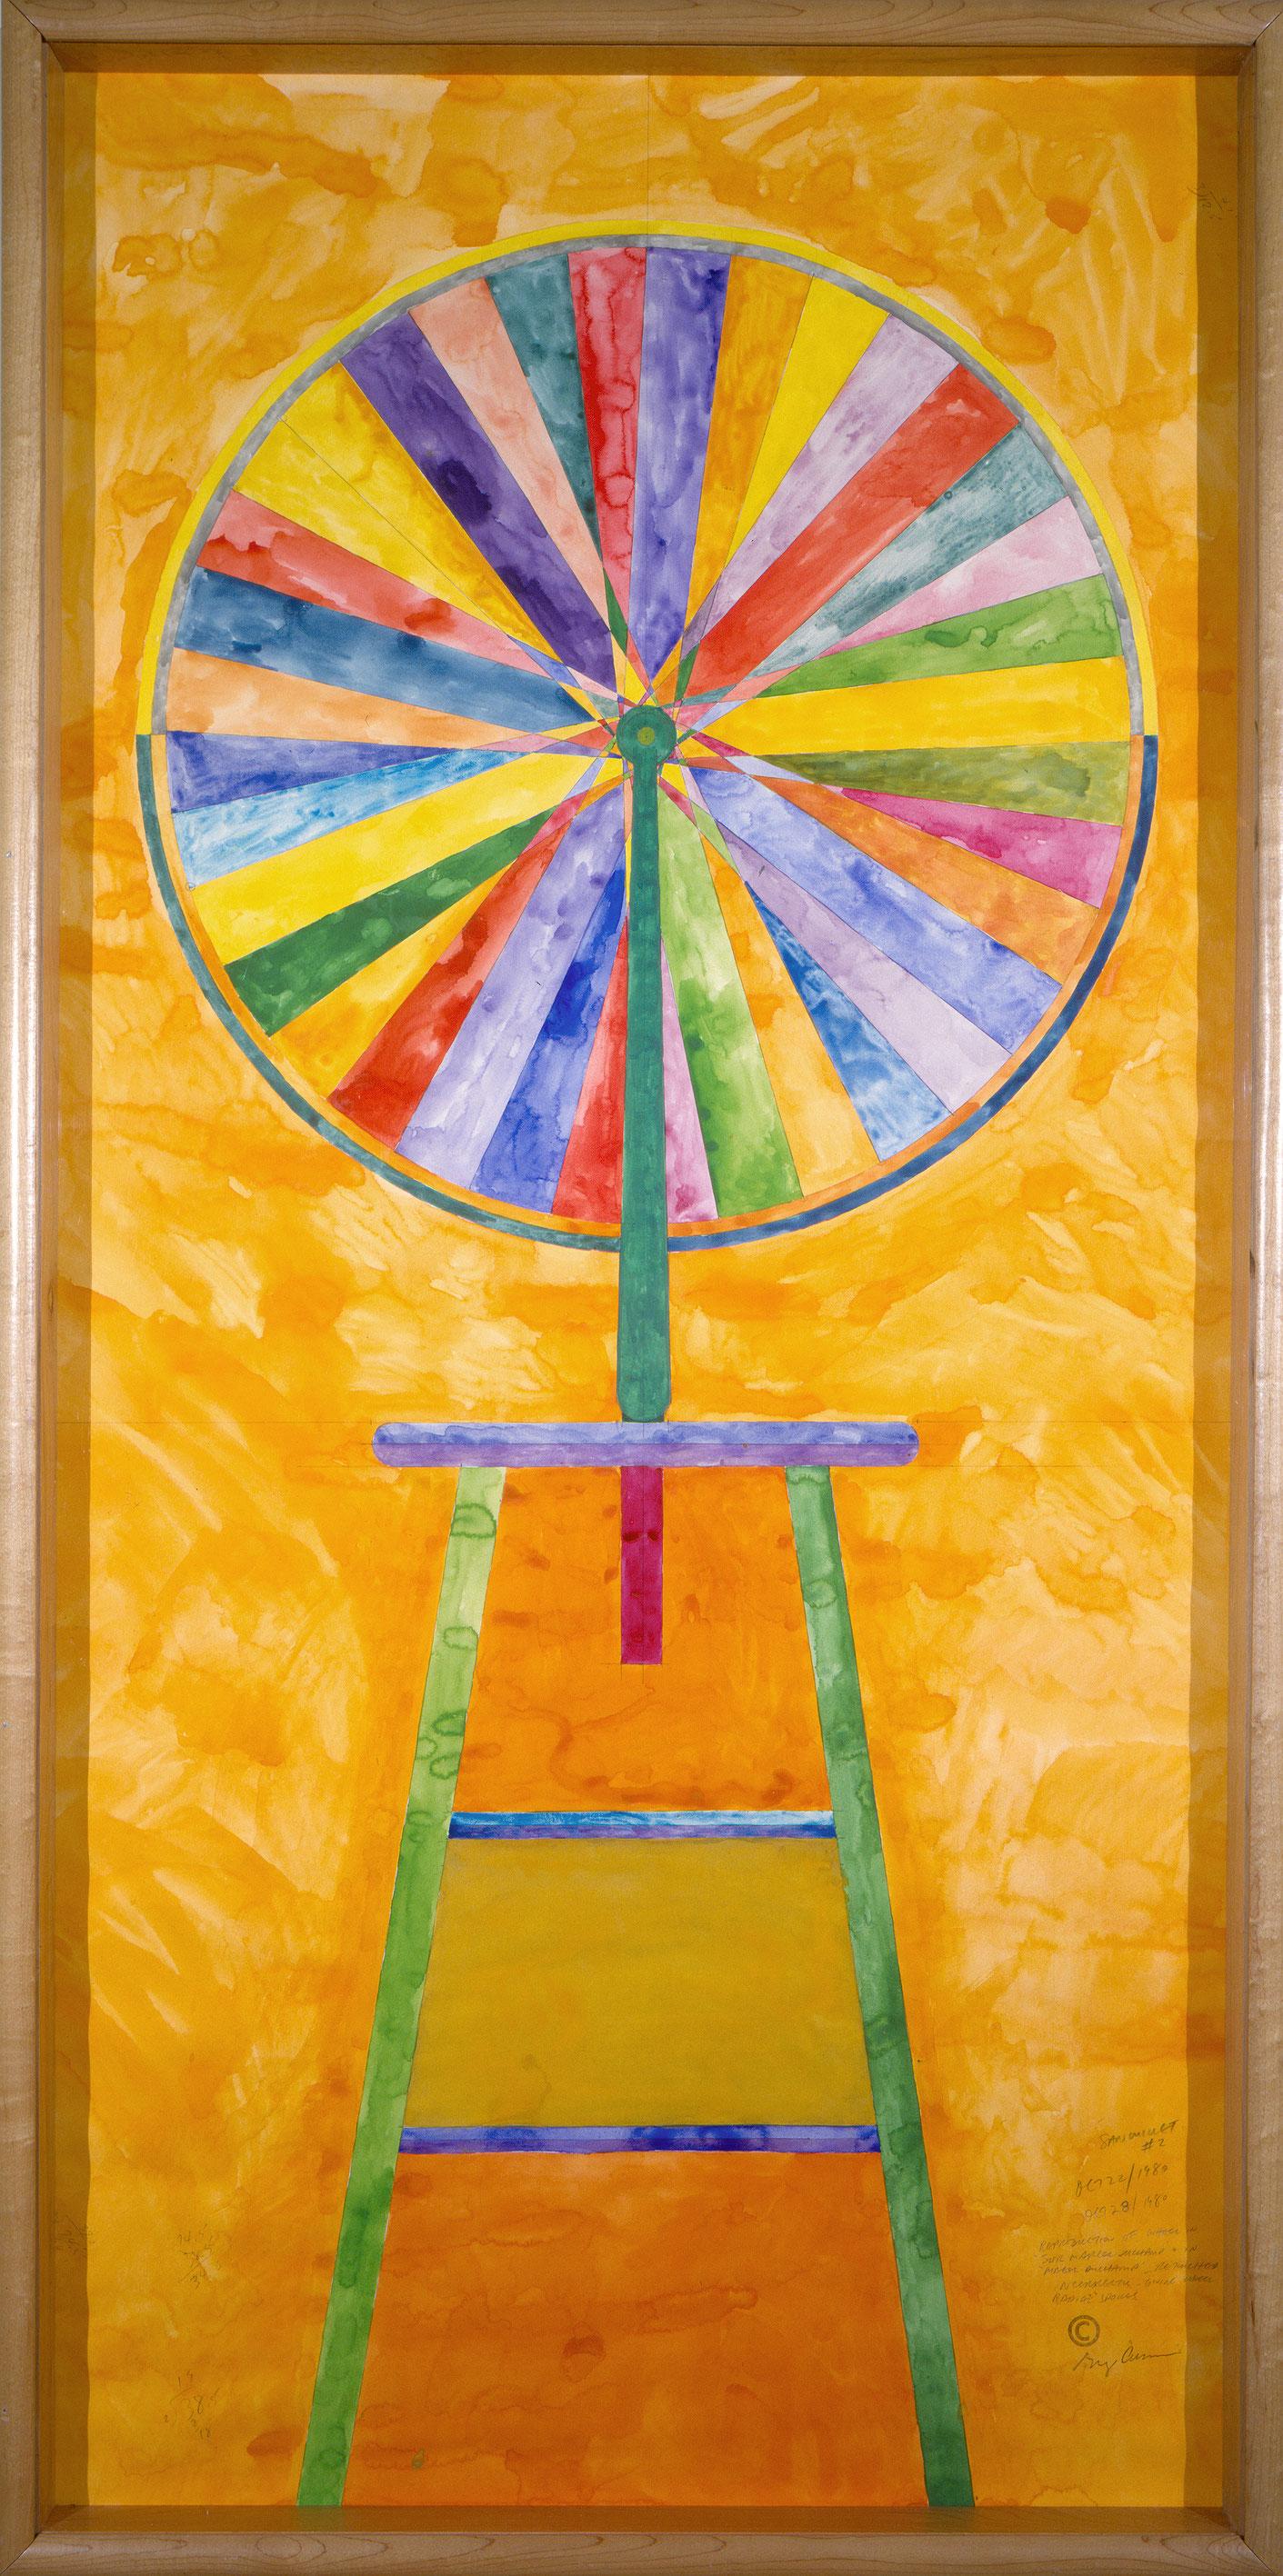 Sanouillet No. 2, 1980, Greg Curnoe, Aquarelle et graphite sur papier.